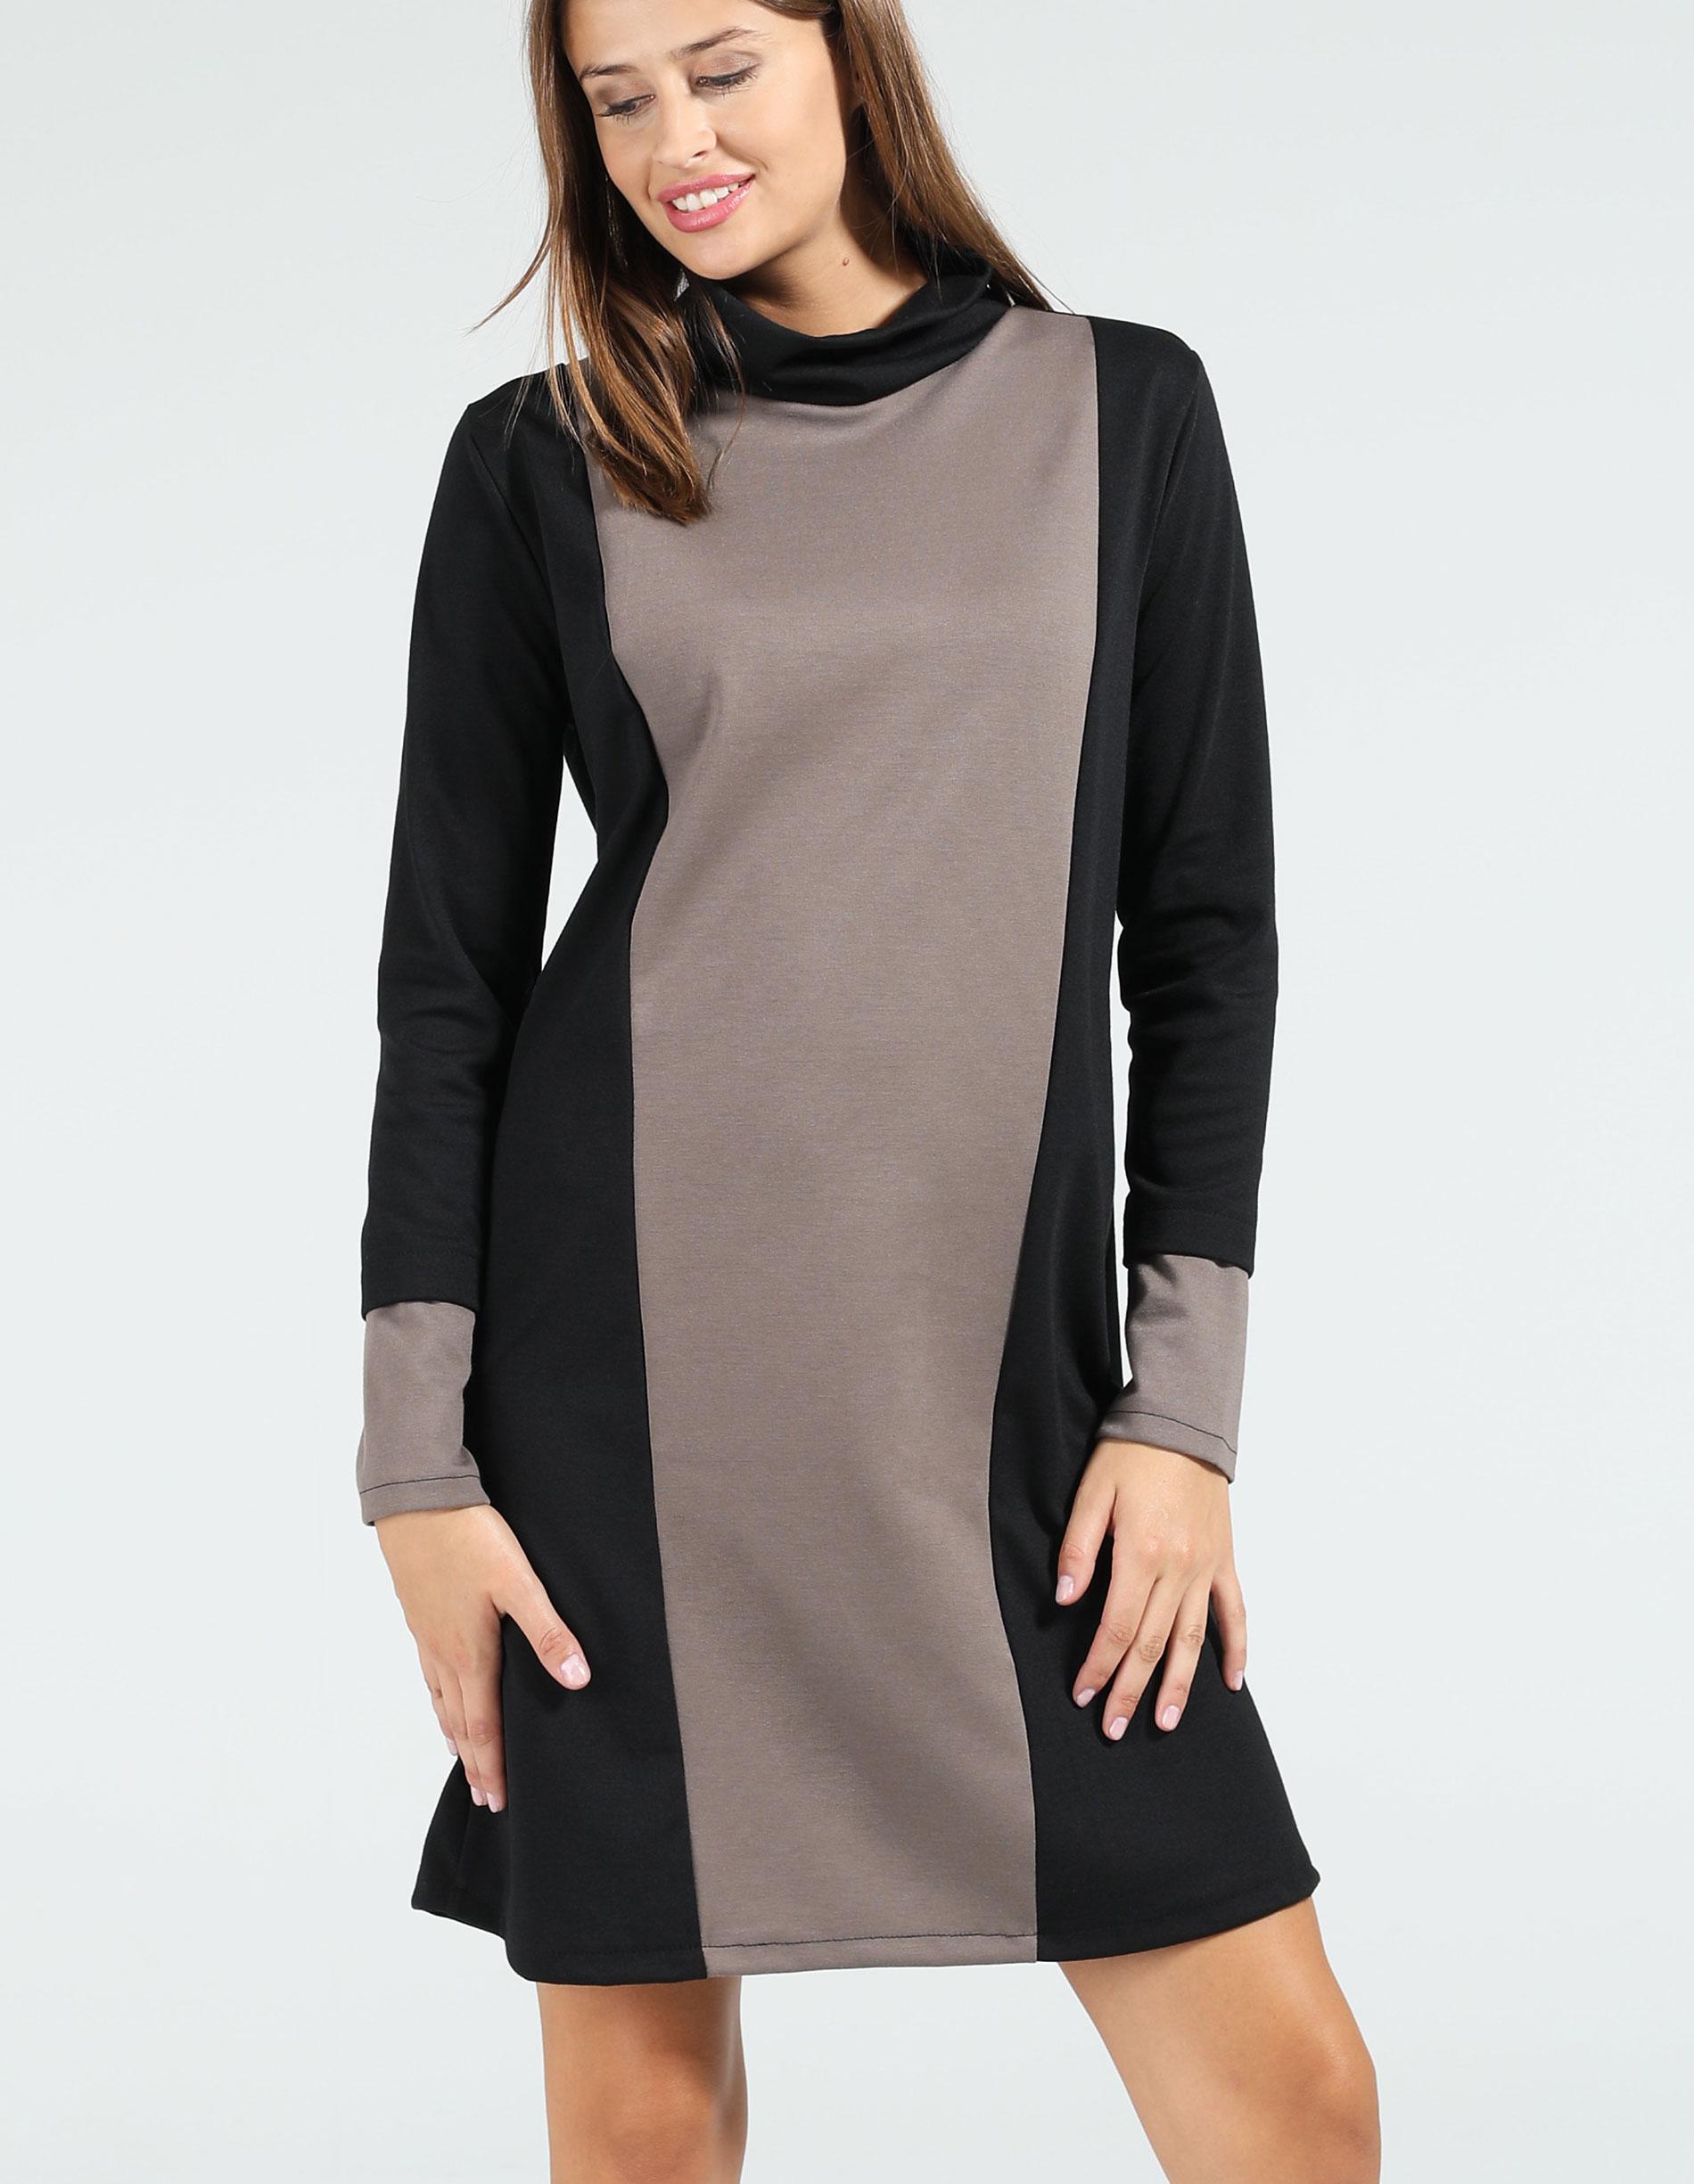 Sukienka - 119-173376 FN - Unisono